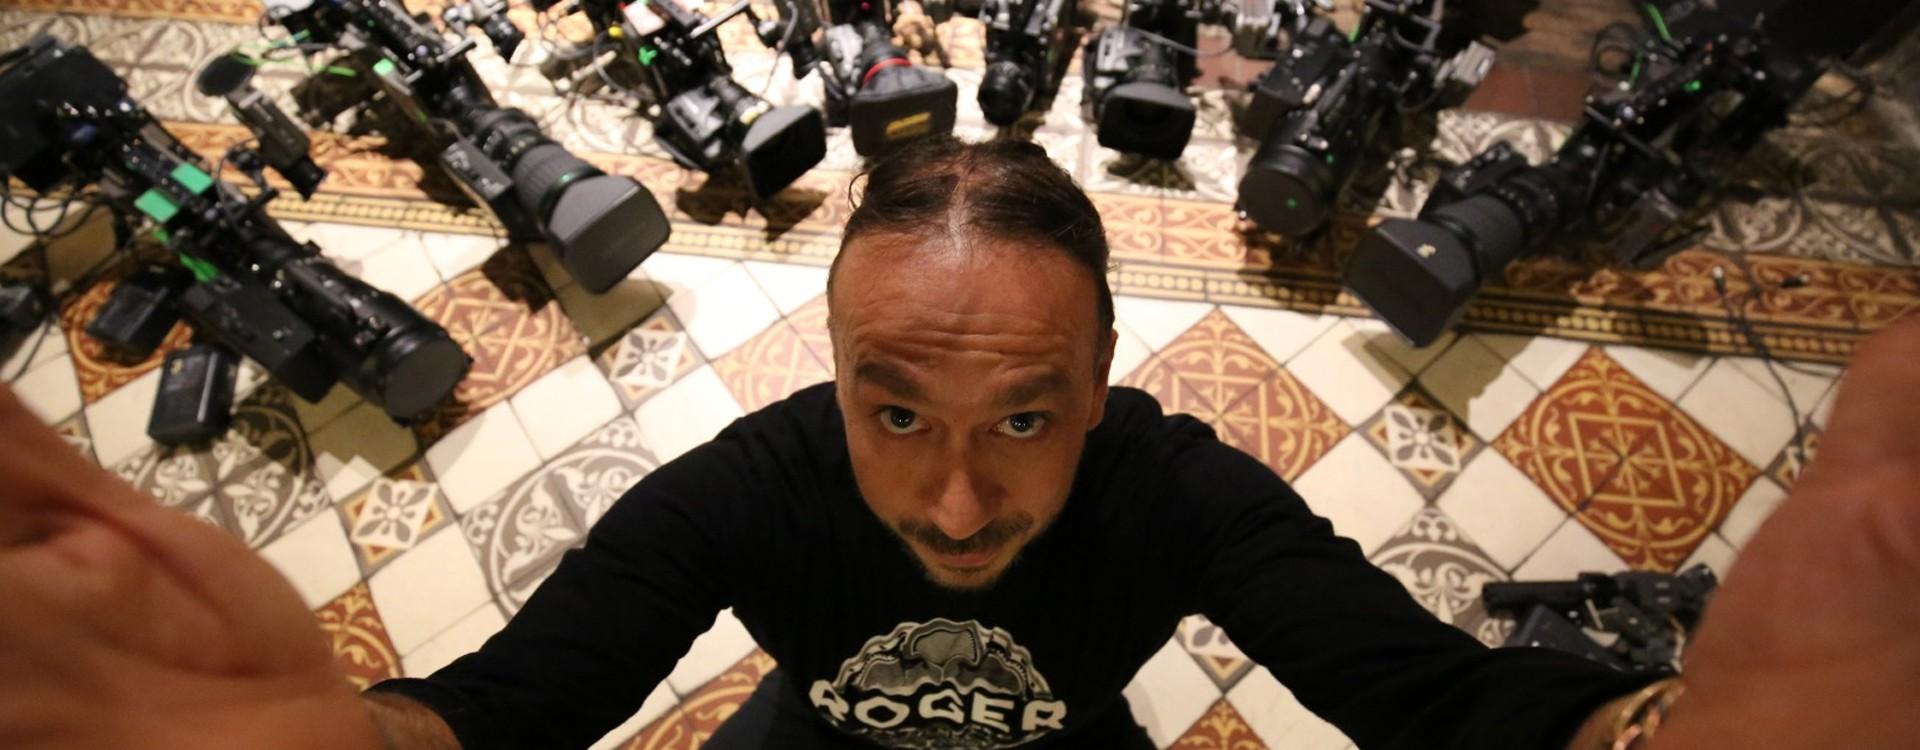 MEDIAKWEST - Entretien autour du Live multi-cam avec Stéphane Cailleton